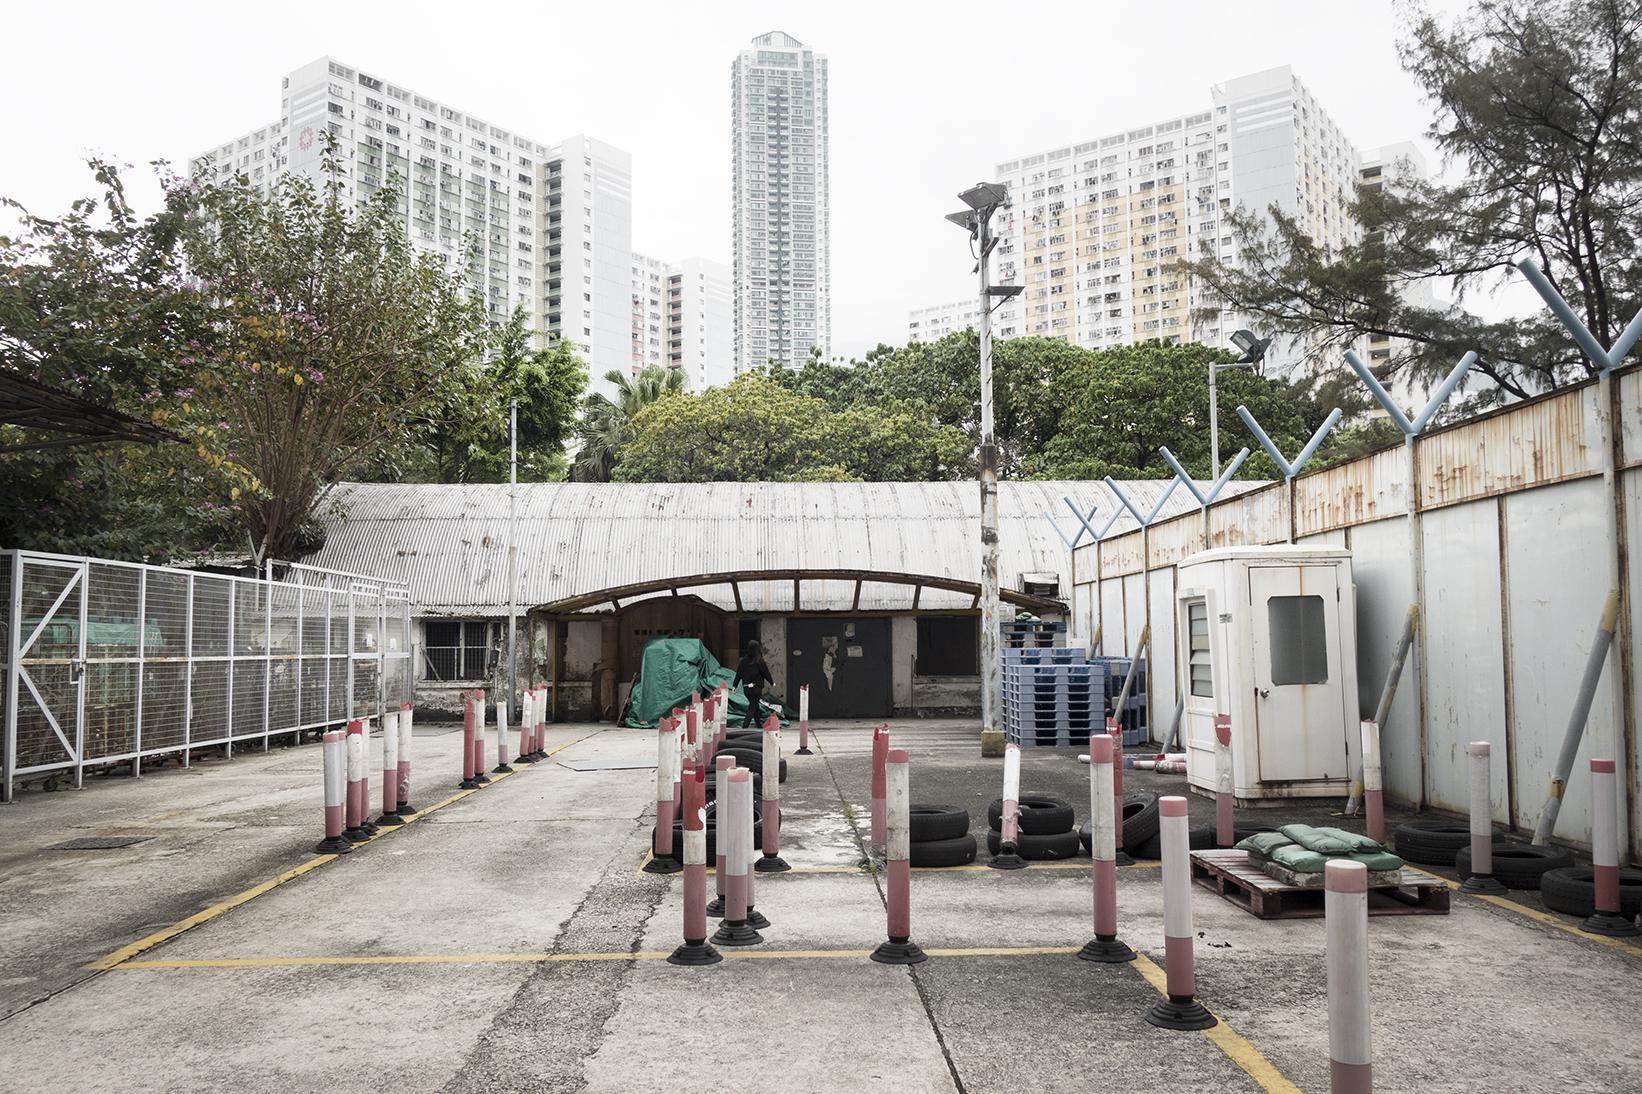 HK_refugees029